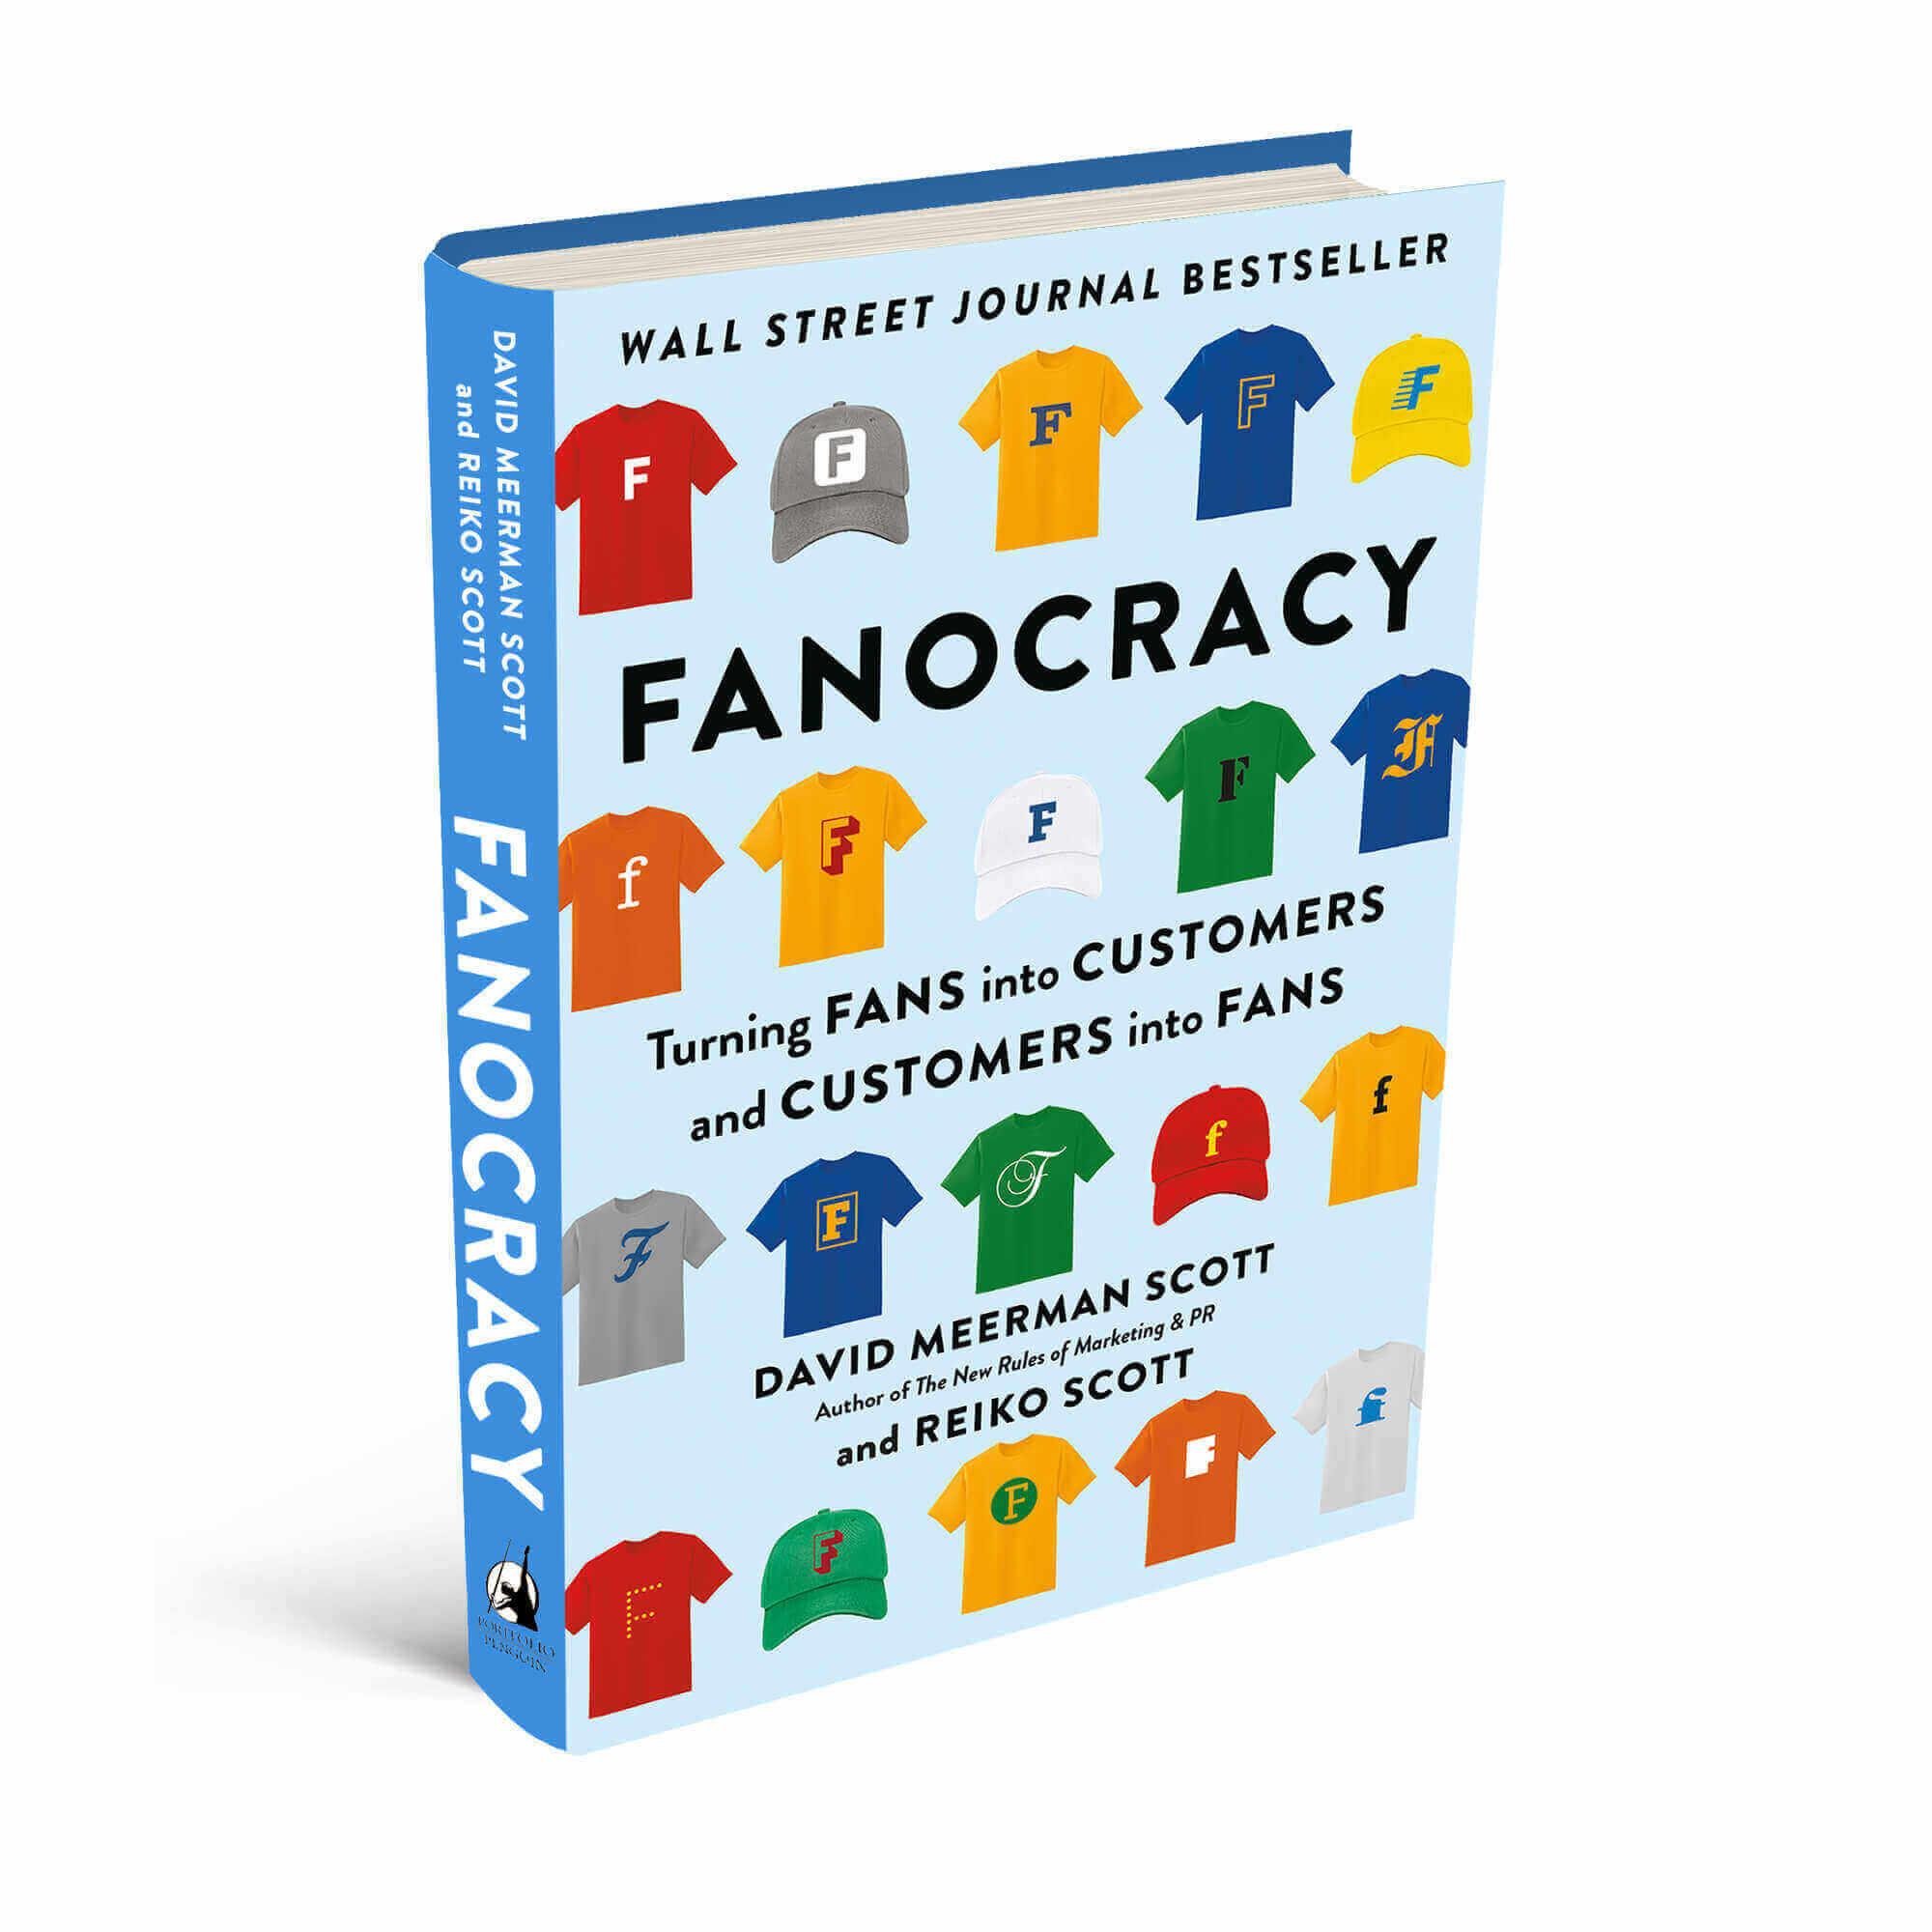 Fanocracy_3D_2_012920